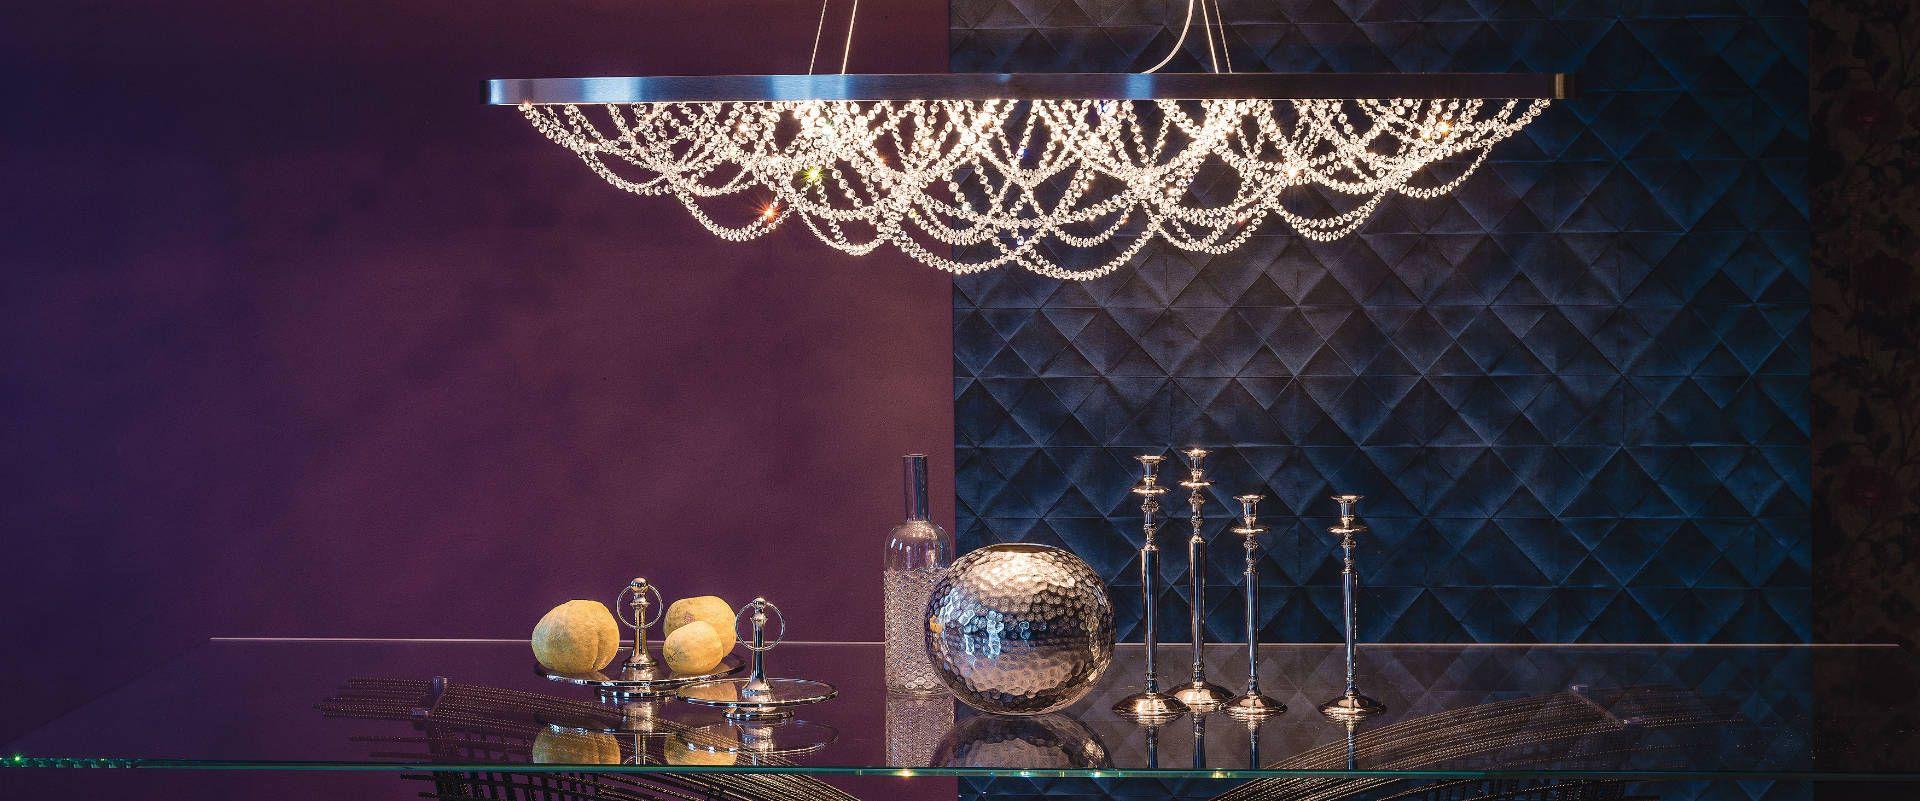 Cattelan cristal, Exklusive Lampen, FRETZ Konstanz am Bodensee